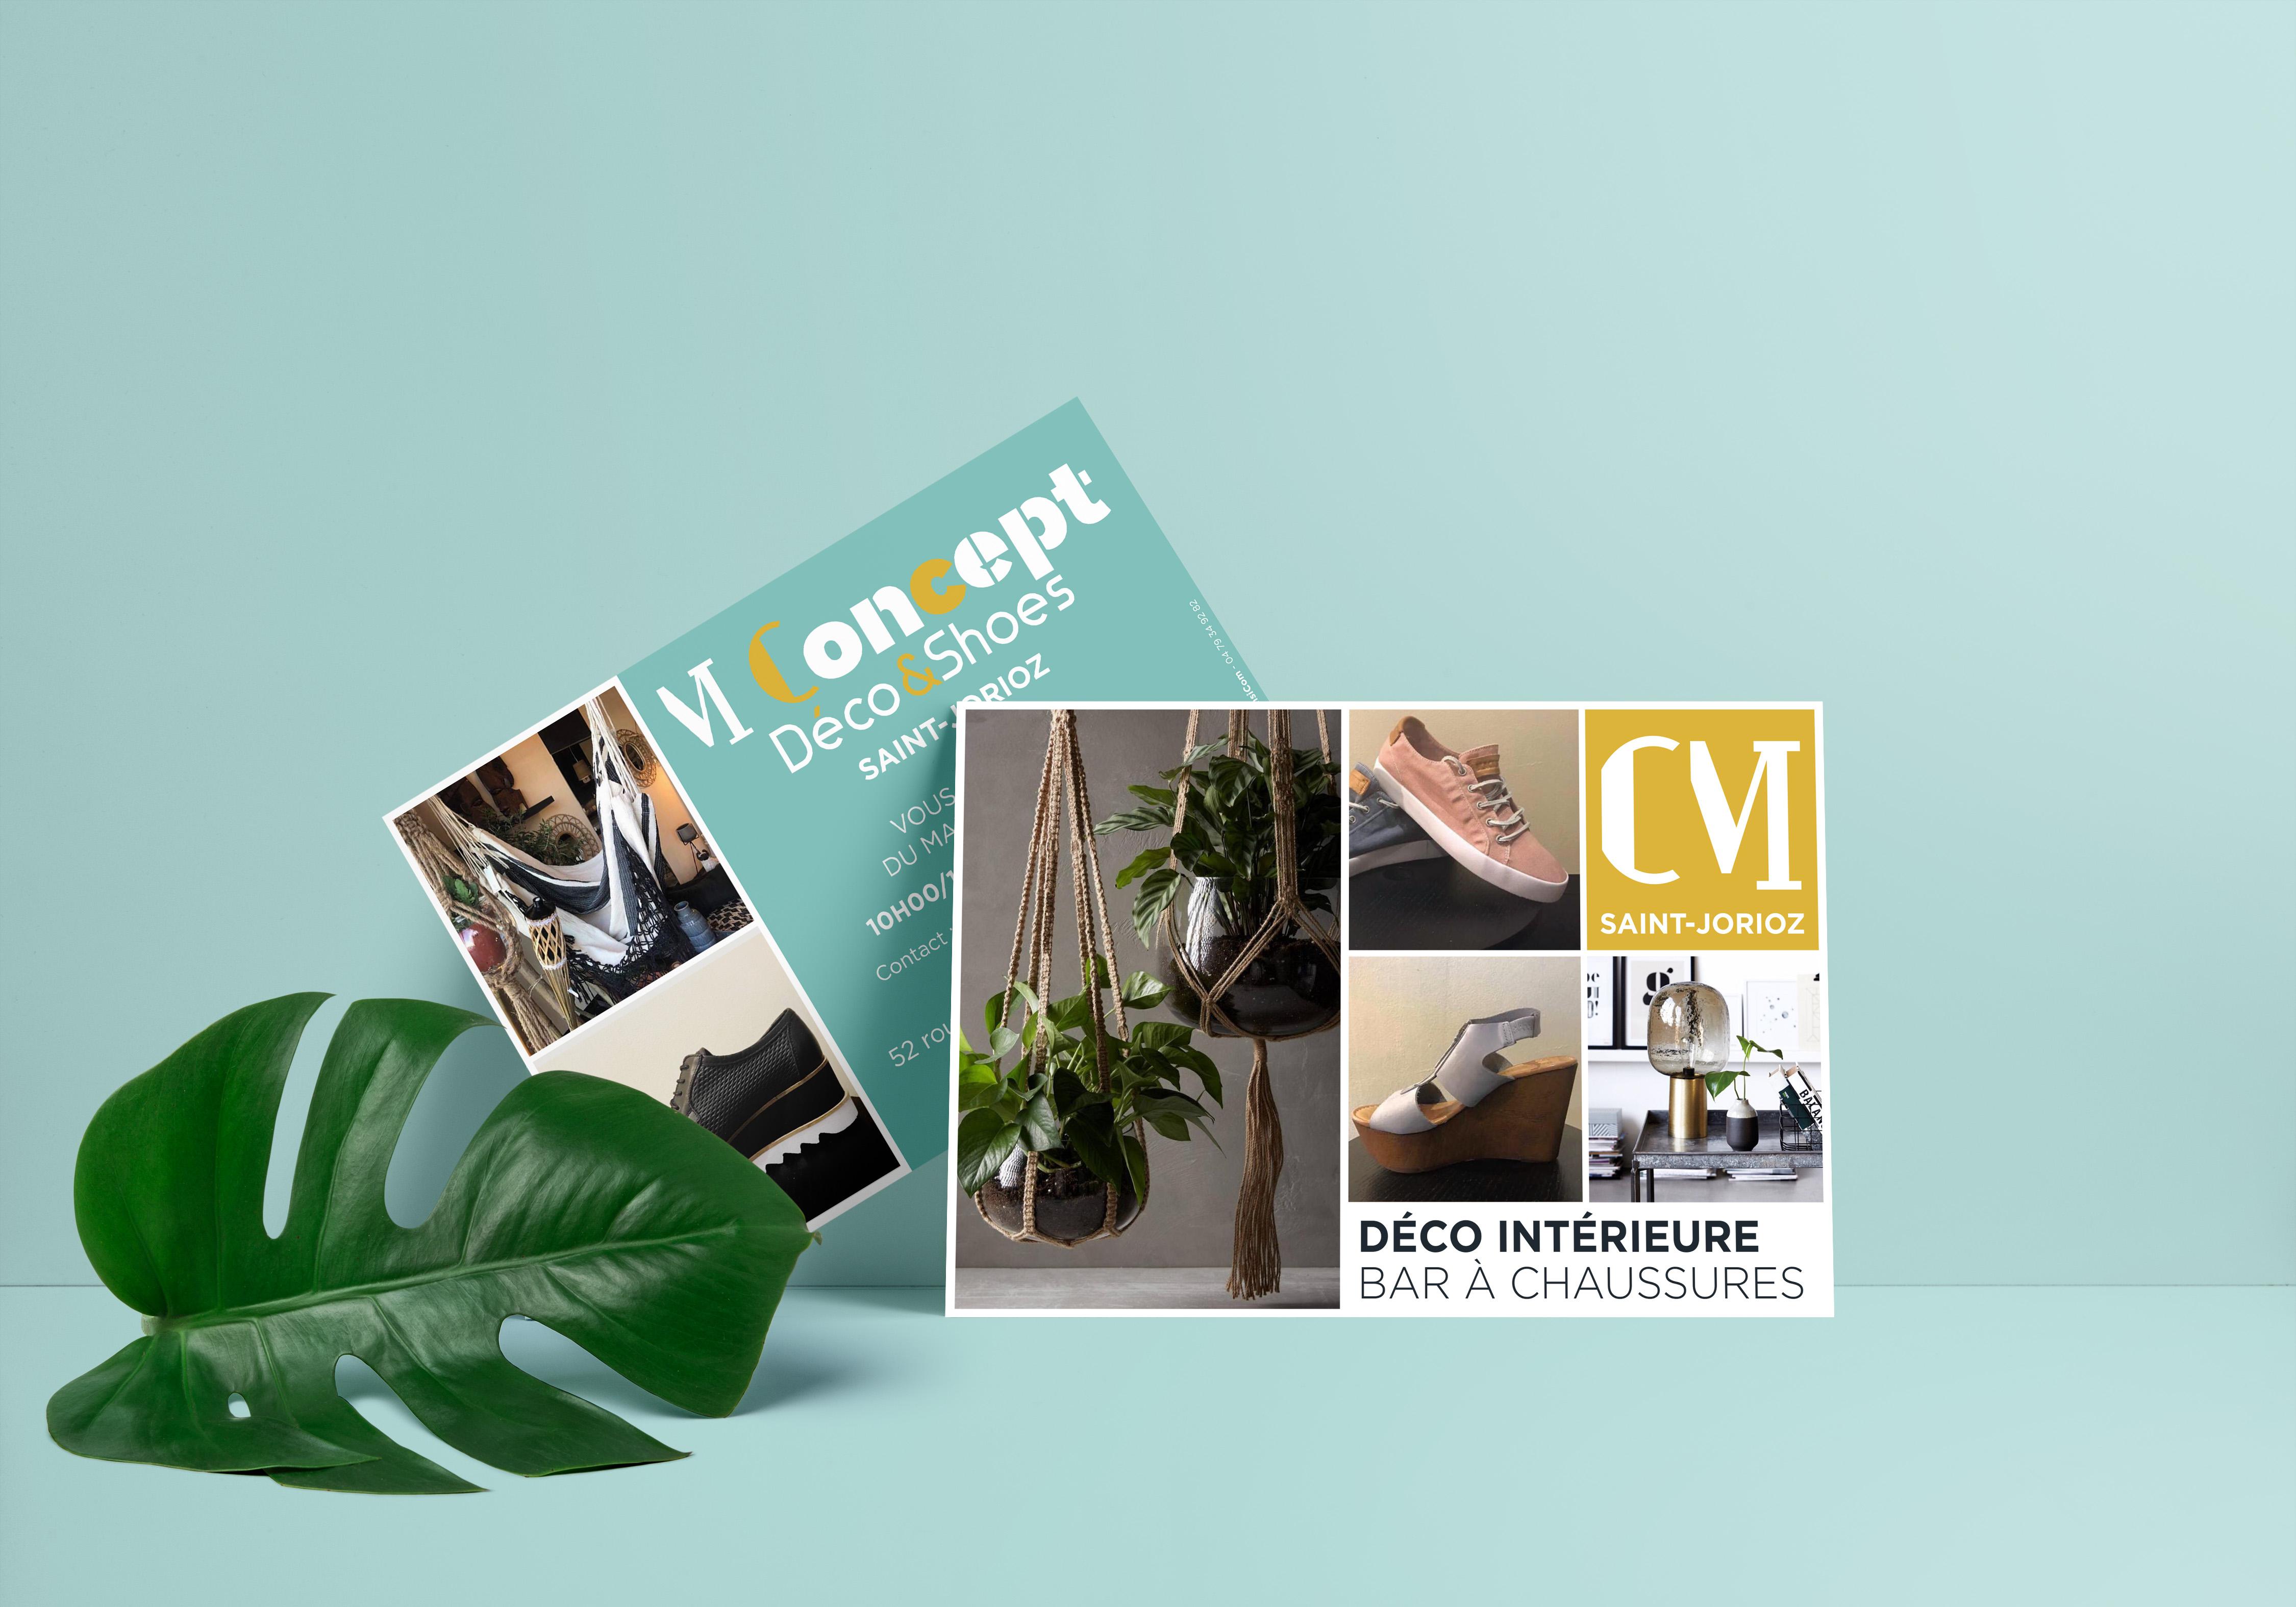 Ralisation Des Cartes Promotionnelles Pour M Concept Boutique De Dcoration Intrieure Et Bar Chaussures